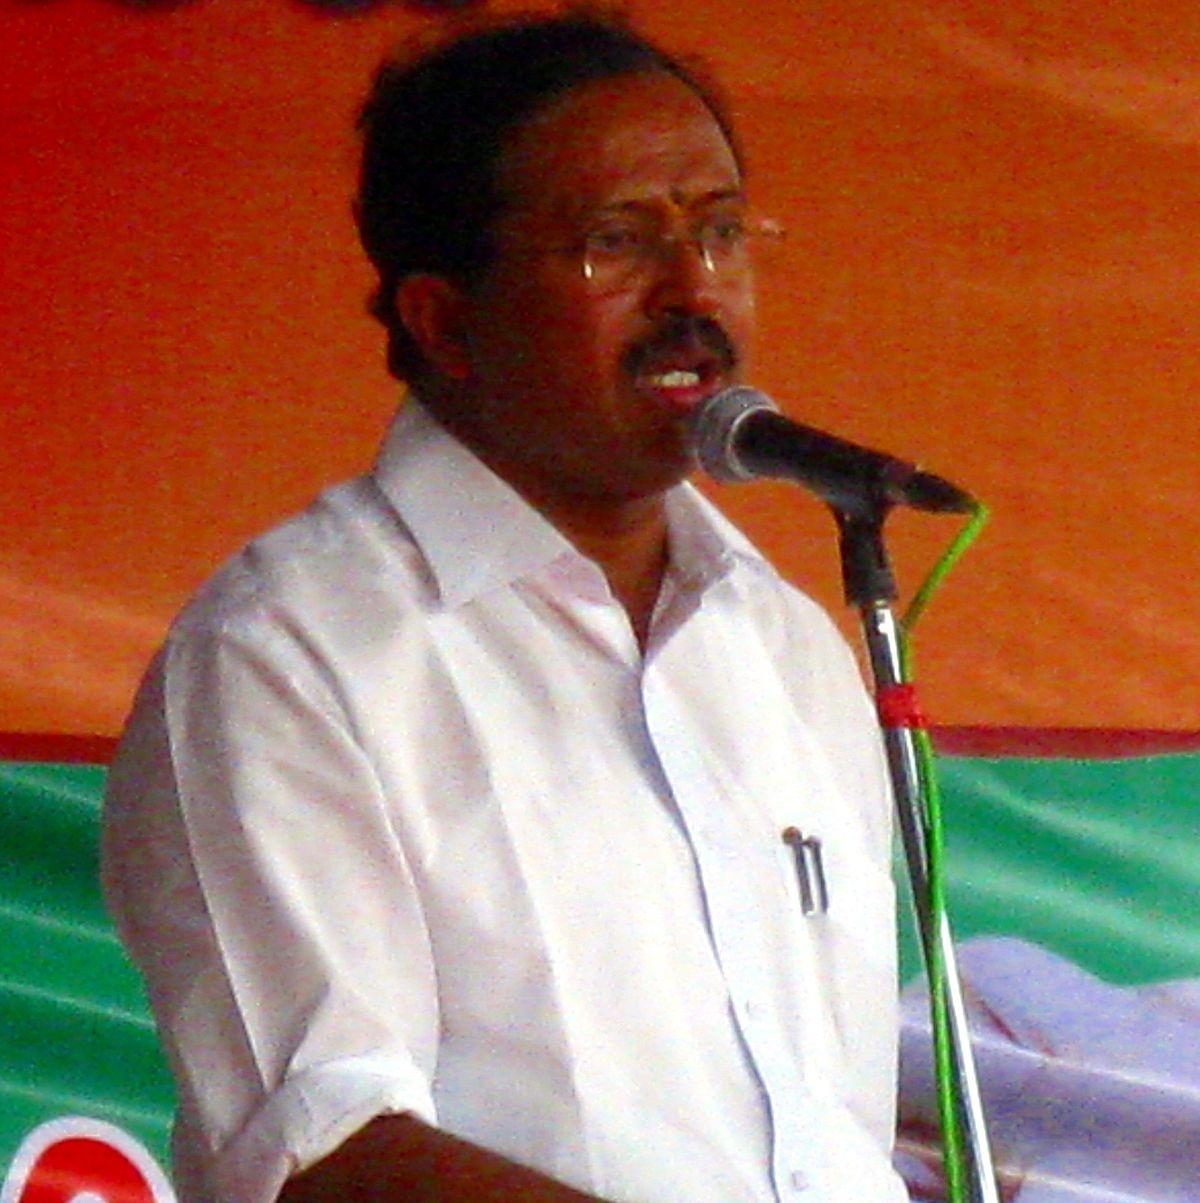 V muraleedharan wikipedia for V muraleedharan bjp